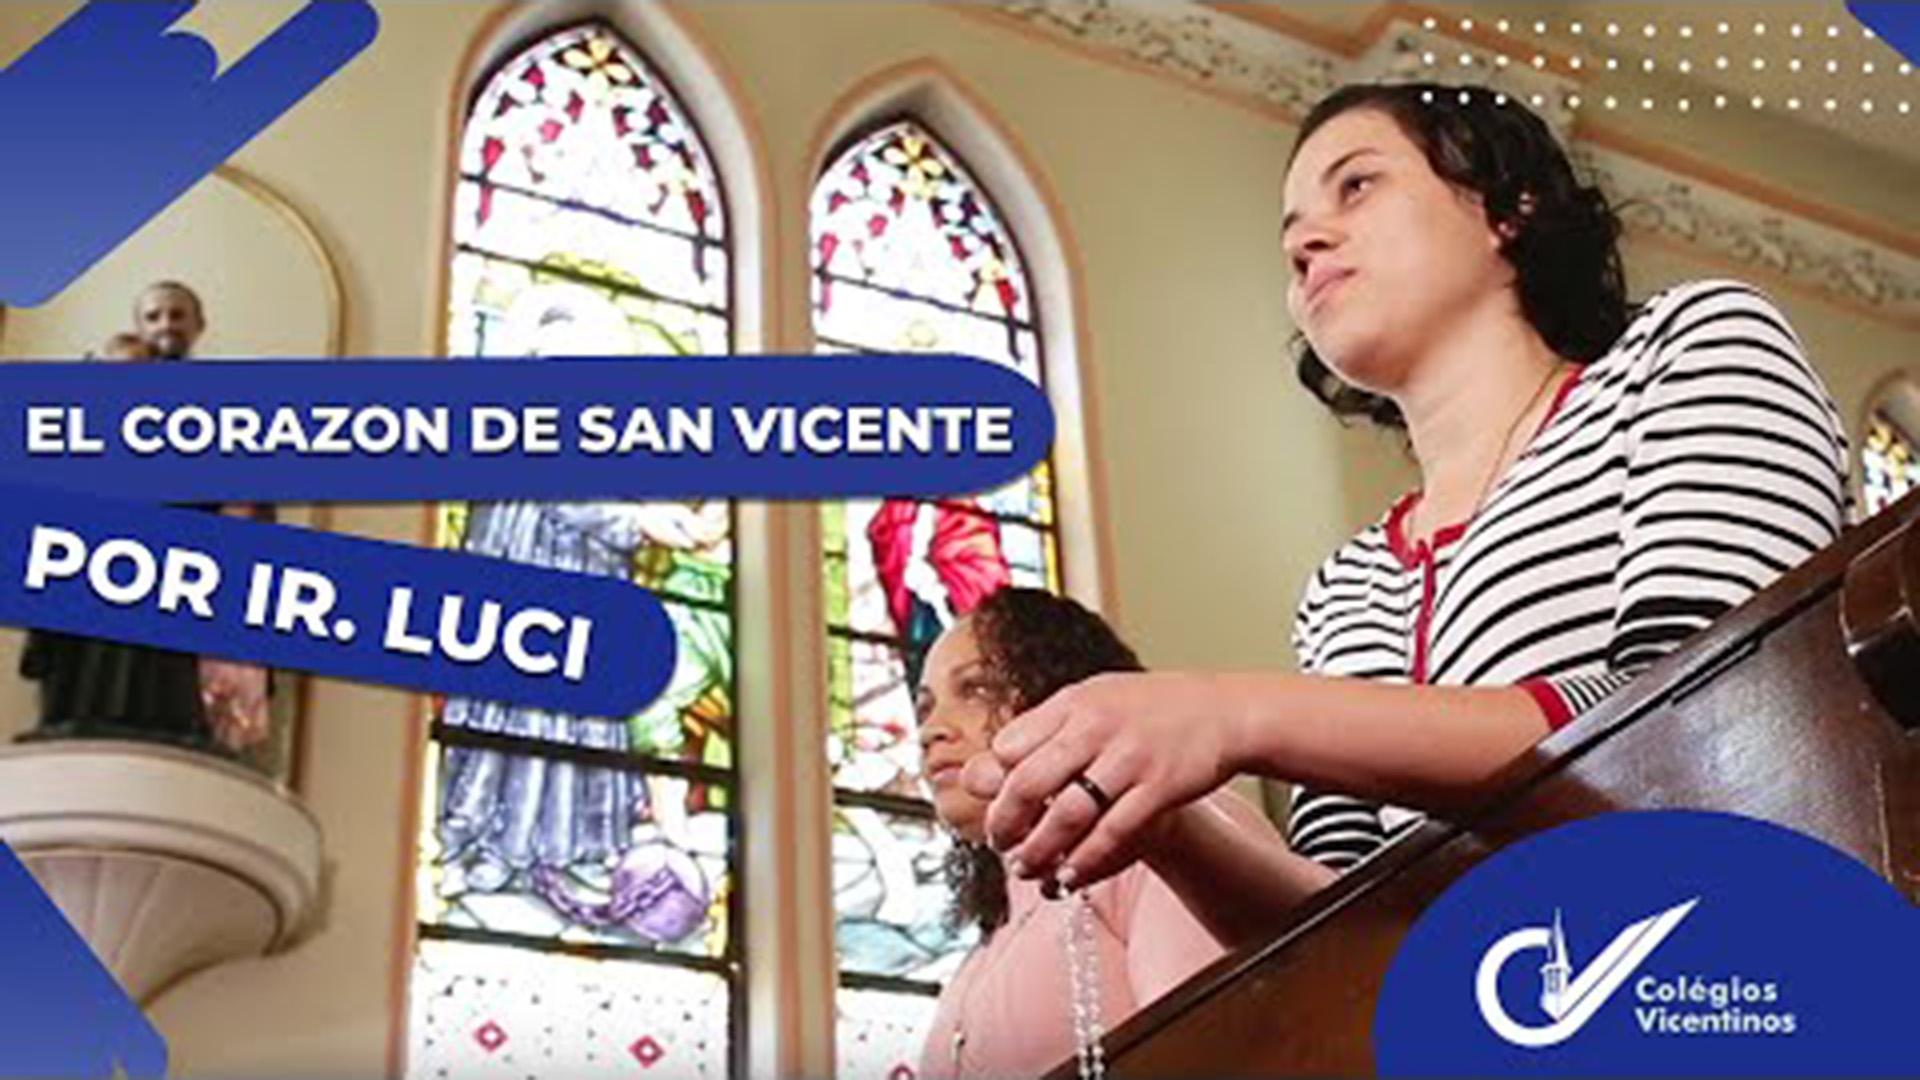 [El Corazon de San Vicente, por Ir. Luci]